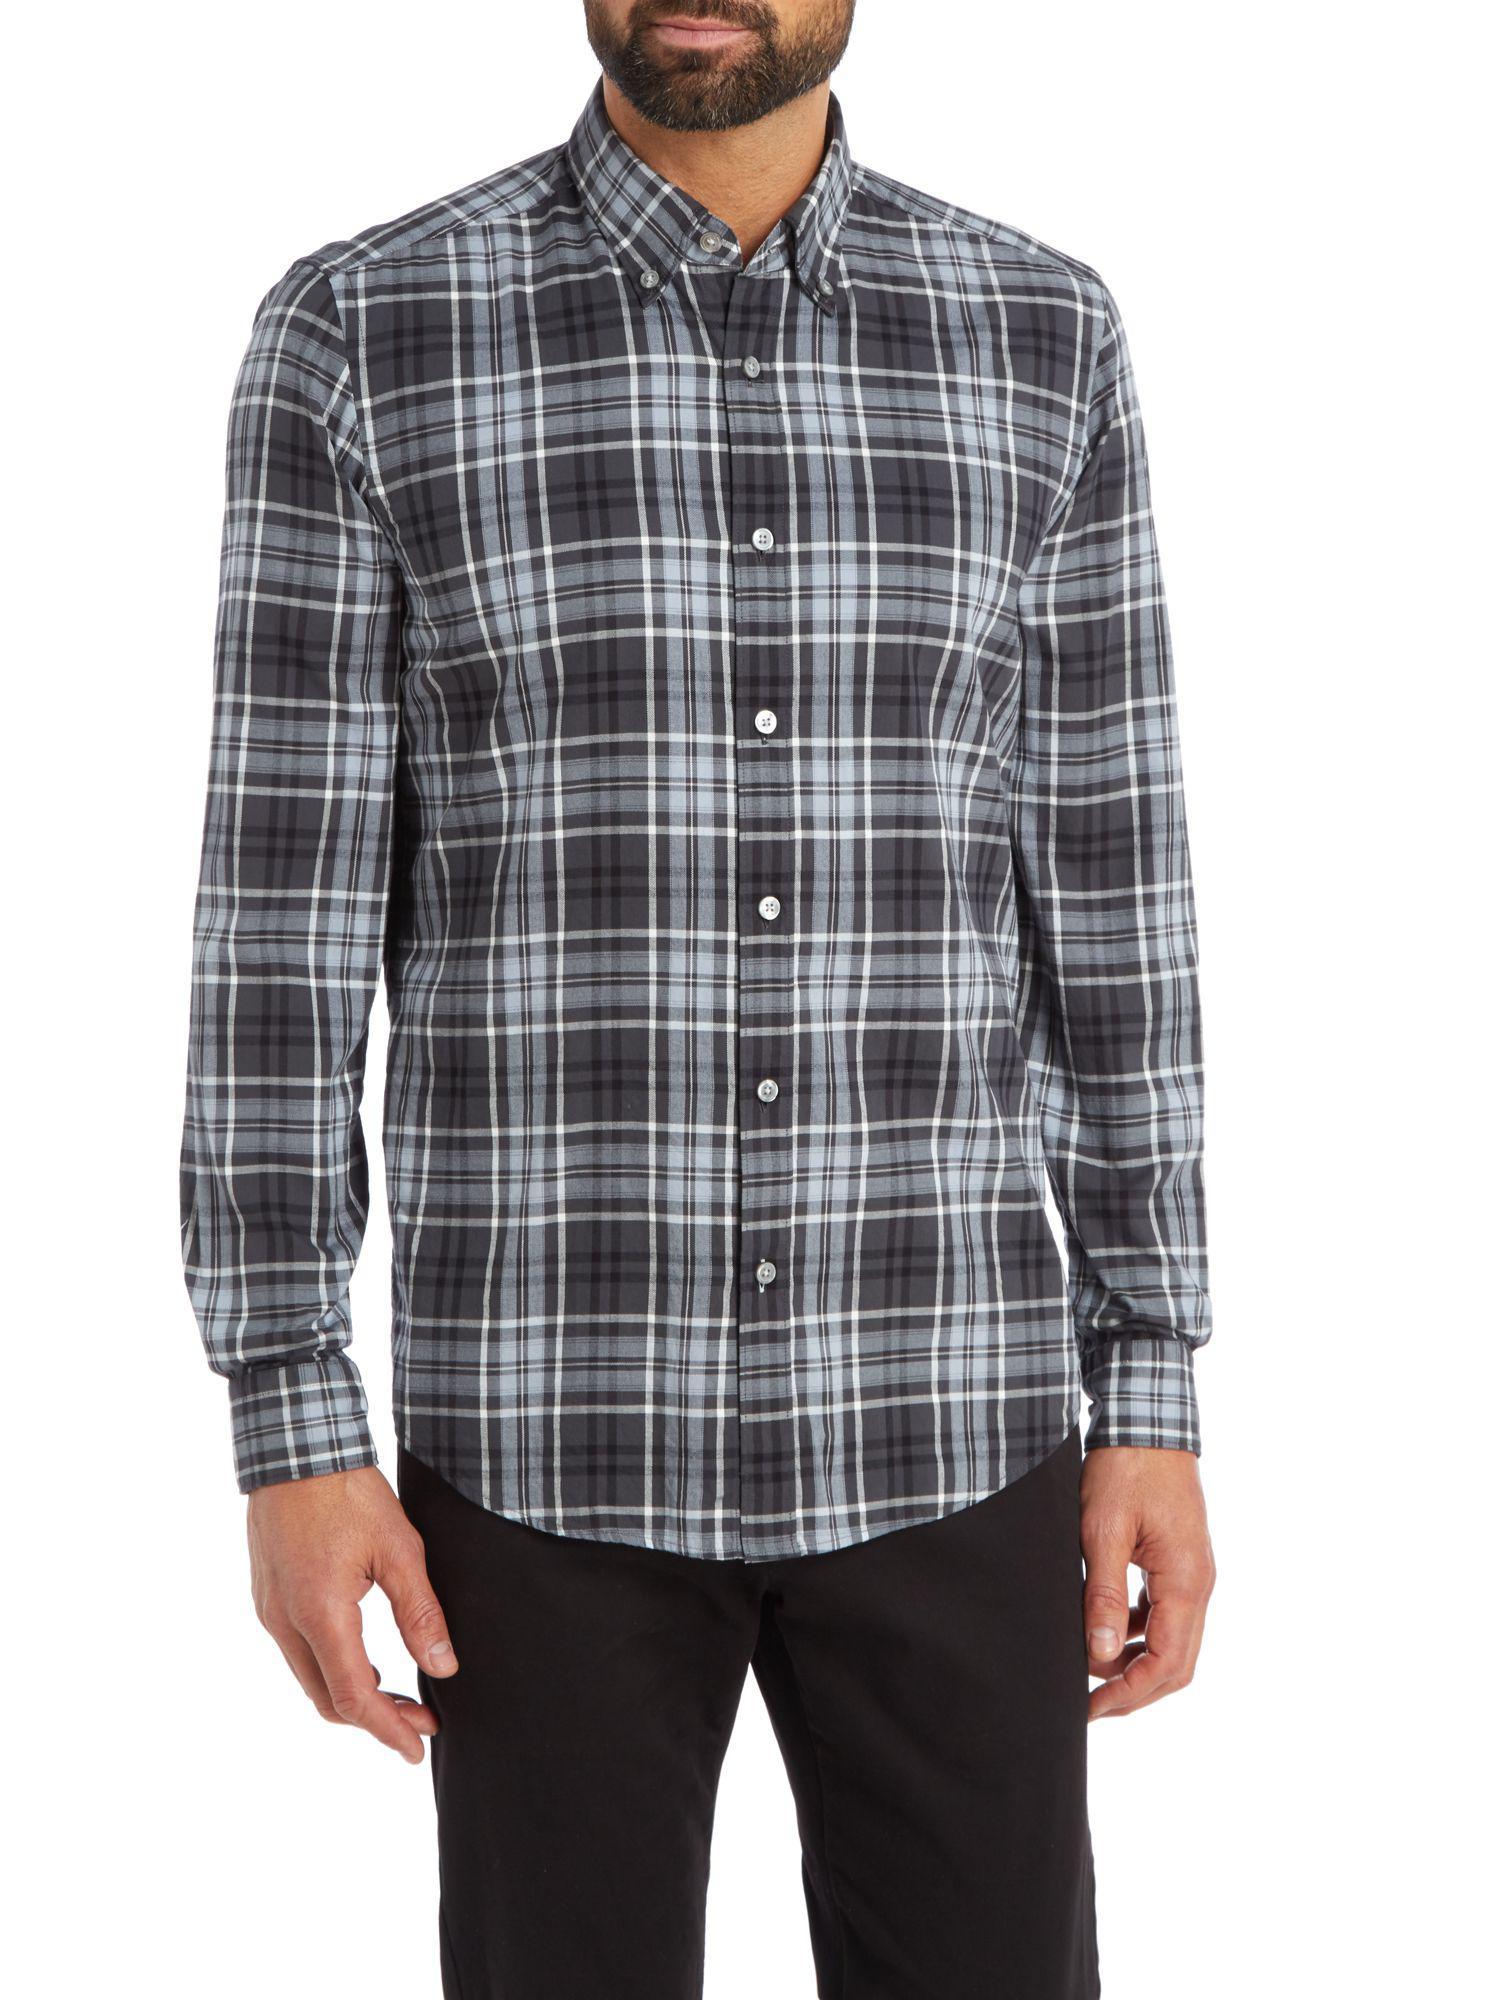 615d5530e Boss Men's Lod 41 Regular Fit Large Check Shirt in Gray for Men - Lyst